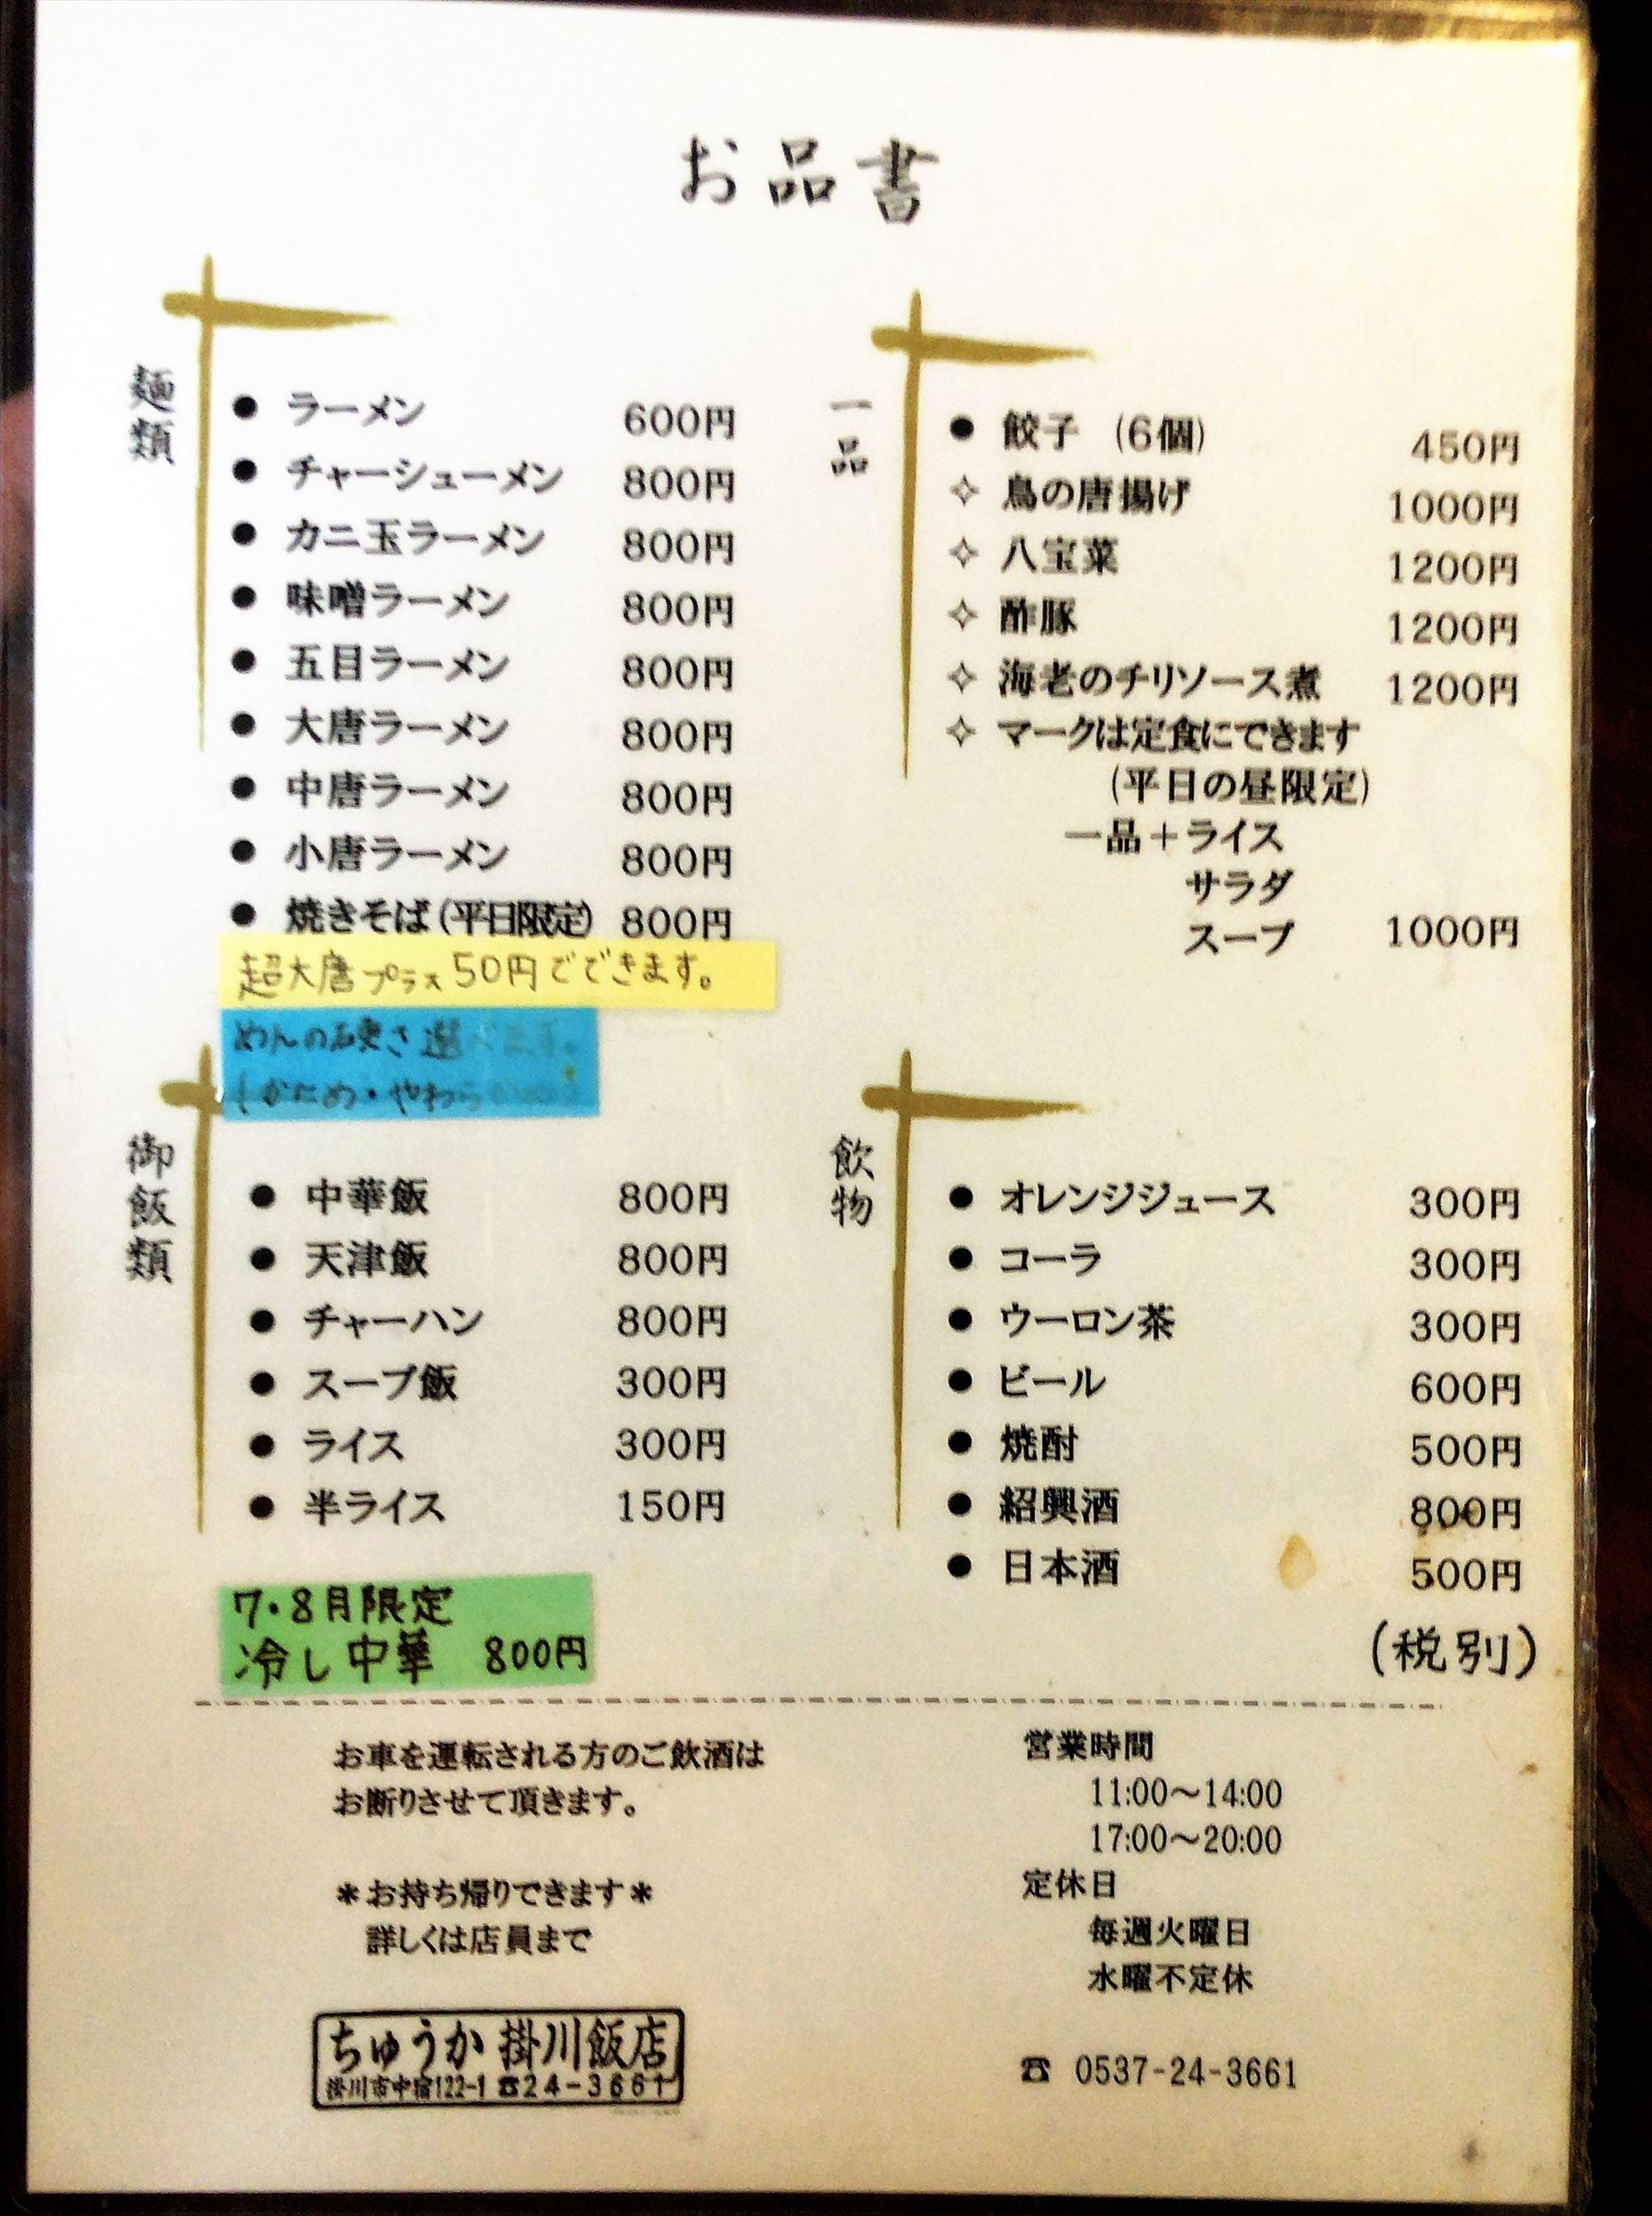 ちゅうか 掛川飯店のメニュー